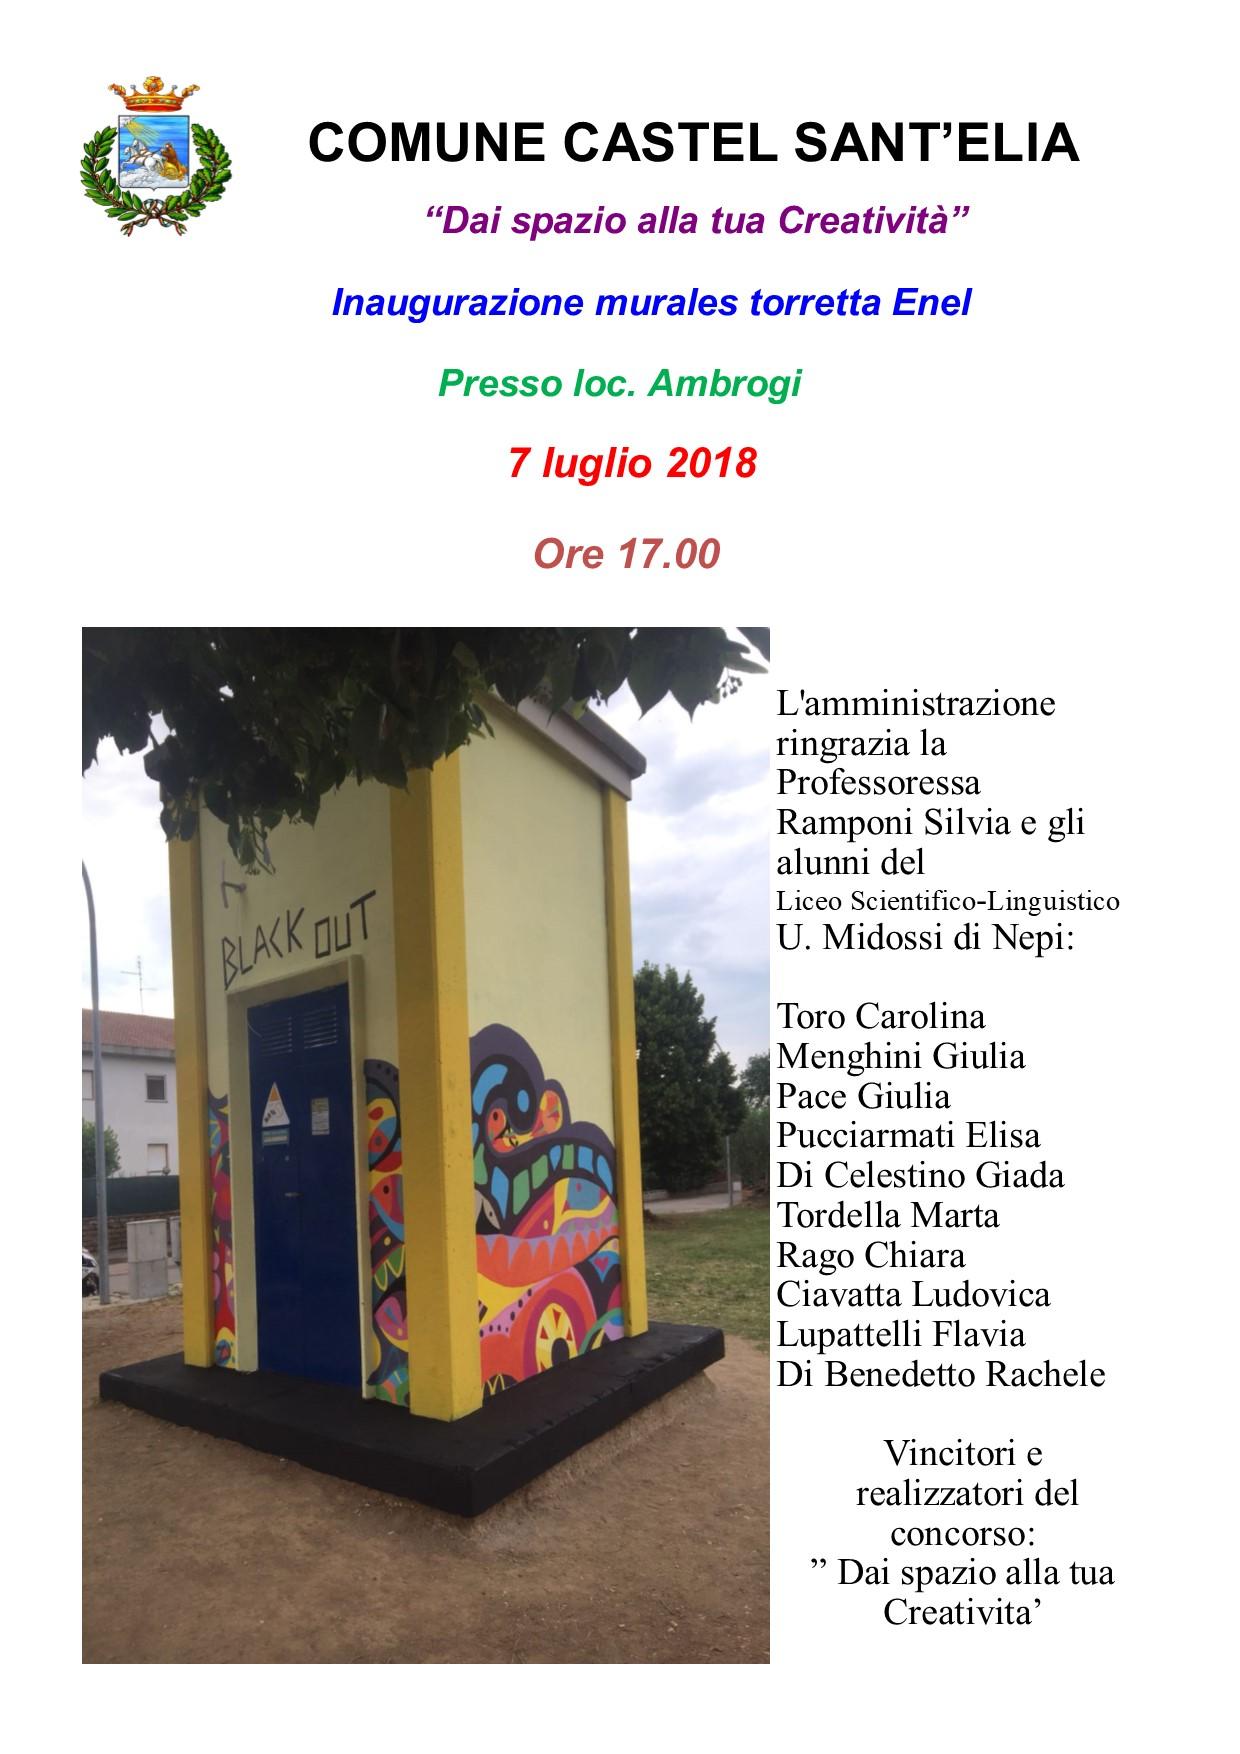 Inaugurazione murales cabina Enel loc. Ambrogi